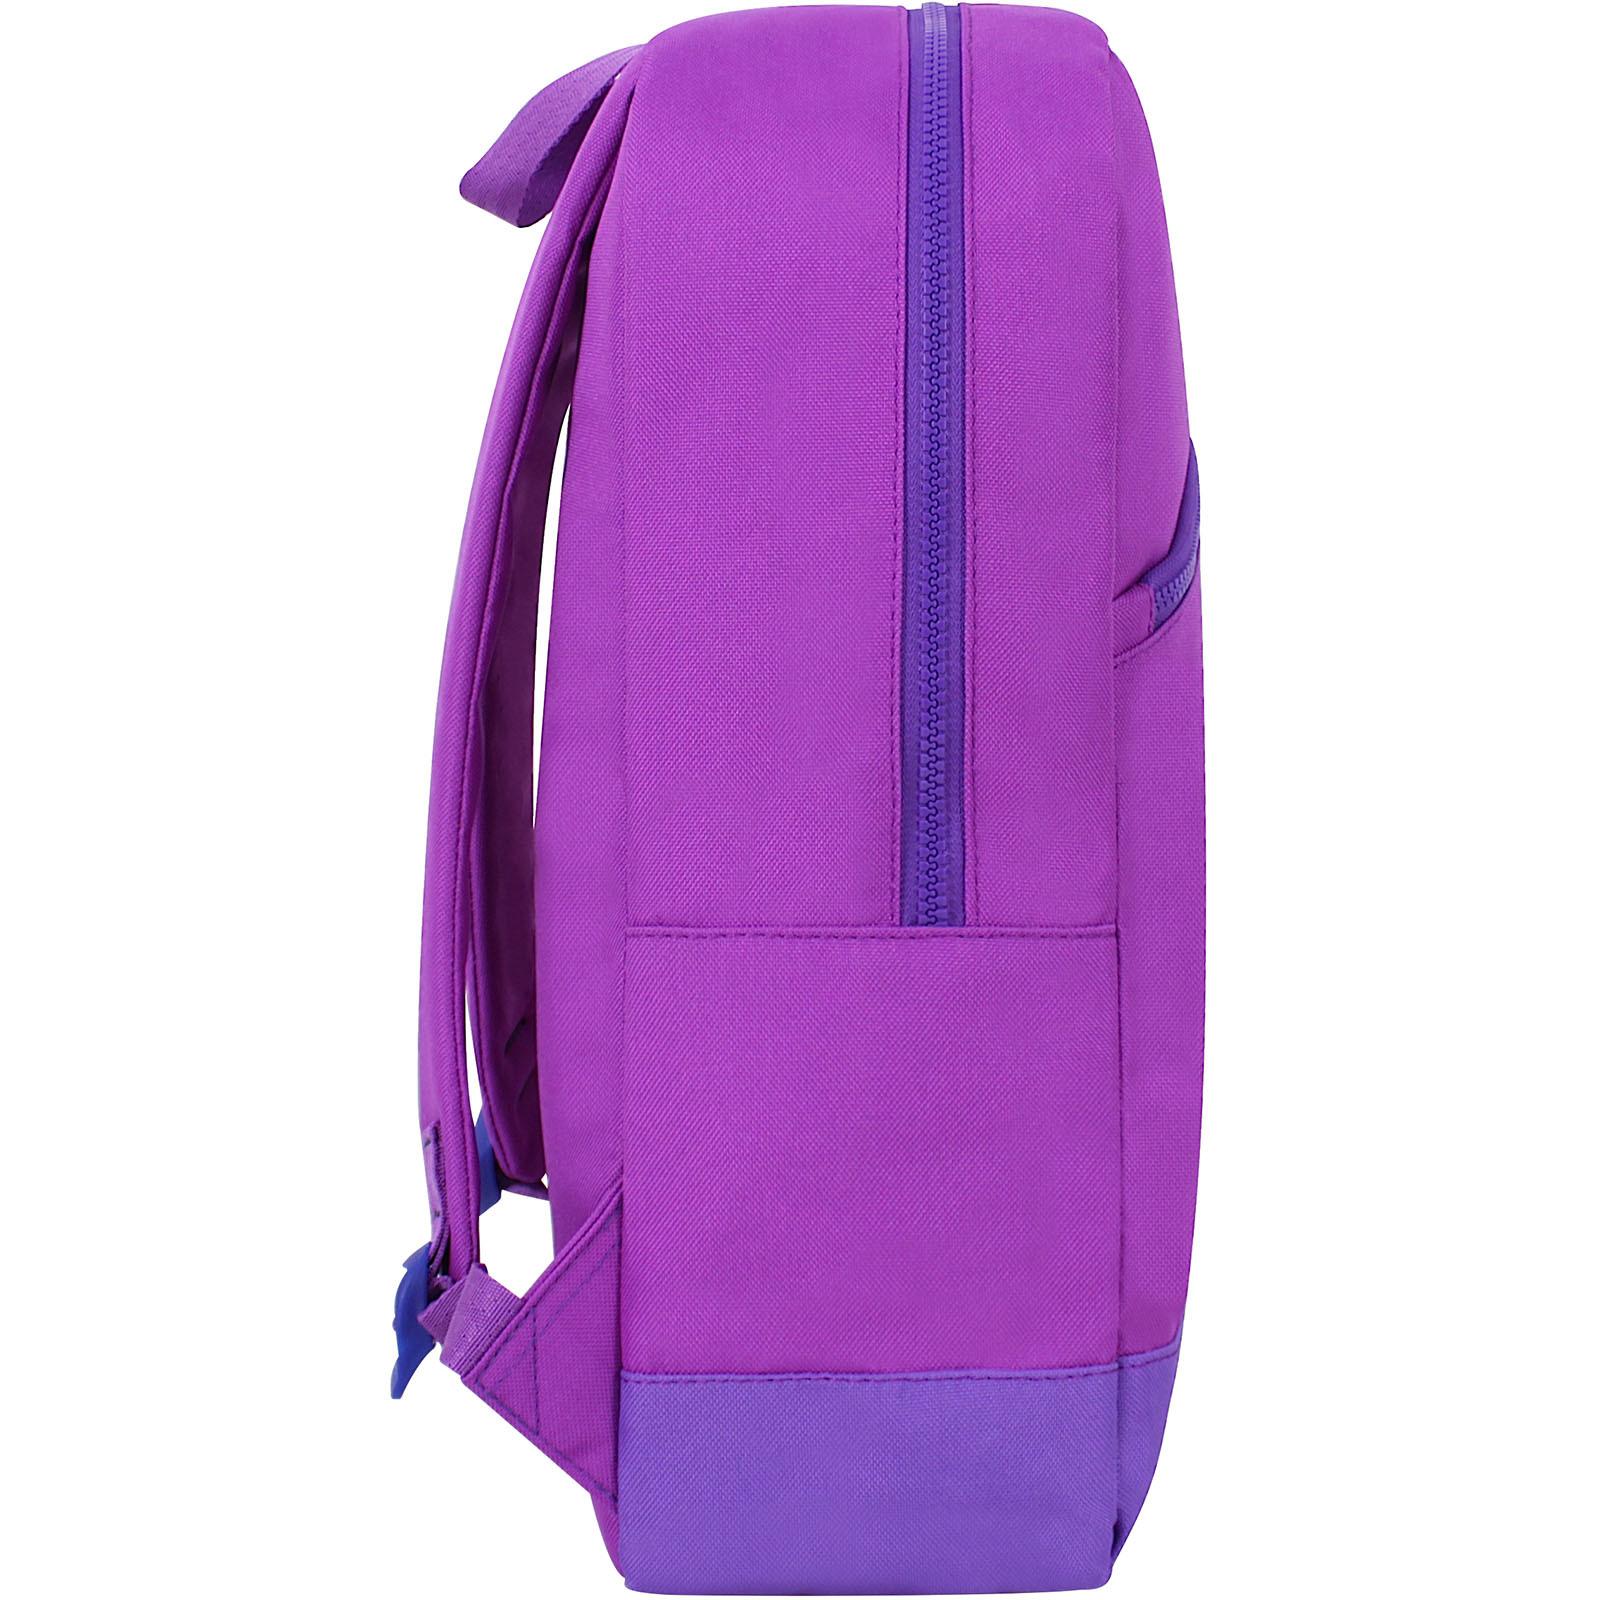 Рюкзак Bagland Amber 15 л. 339 фиолетовый/бузок (0010466) фото 2